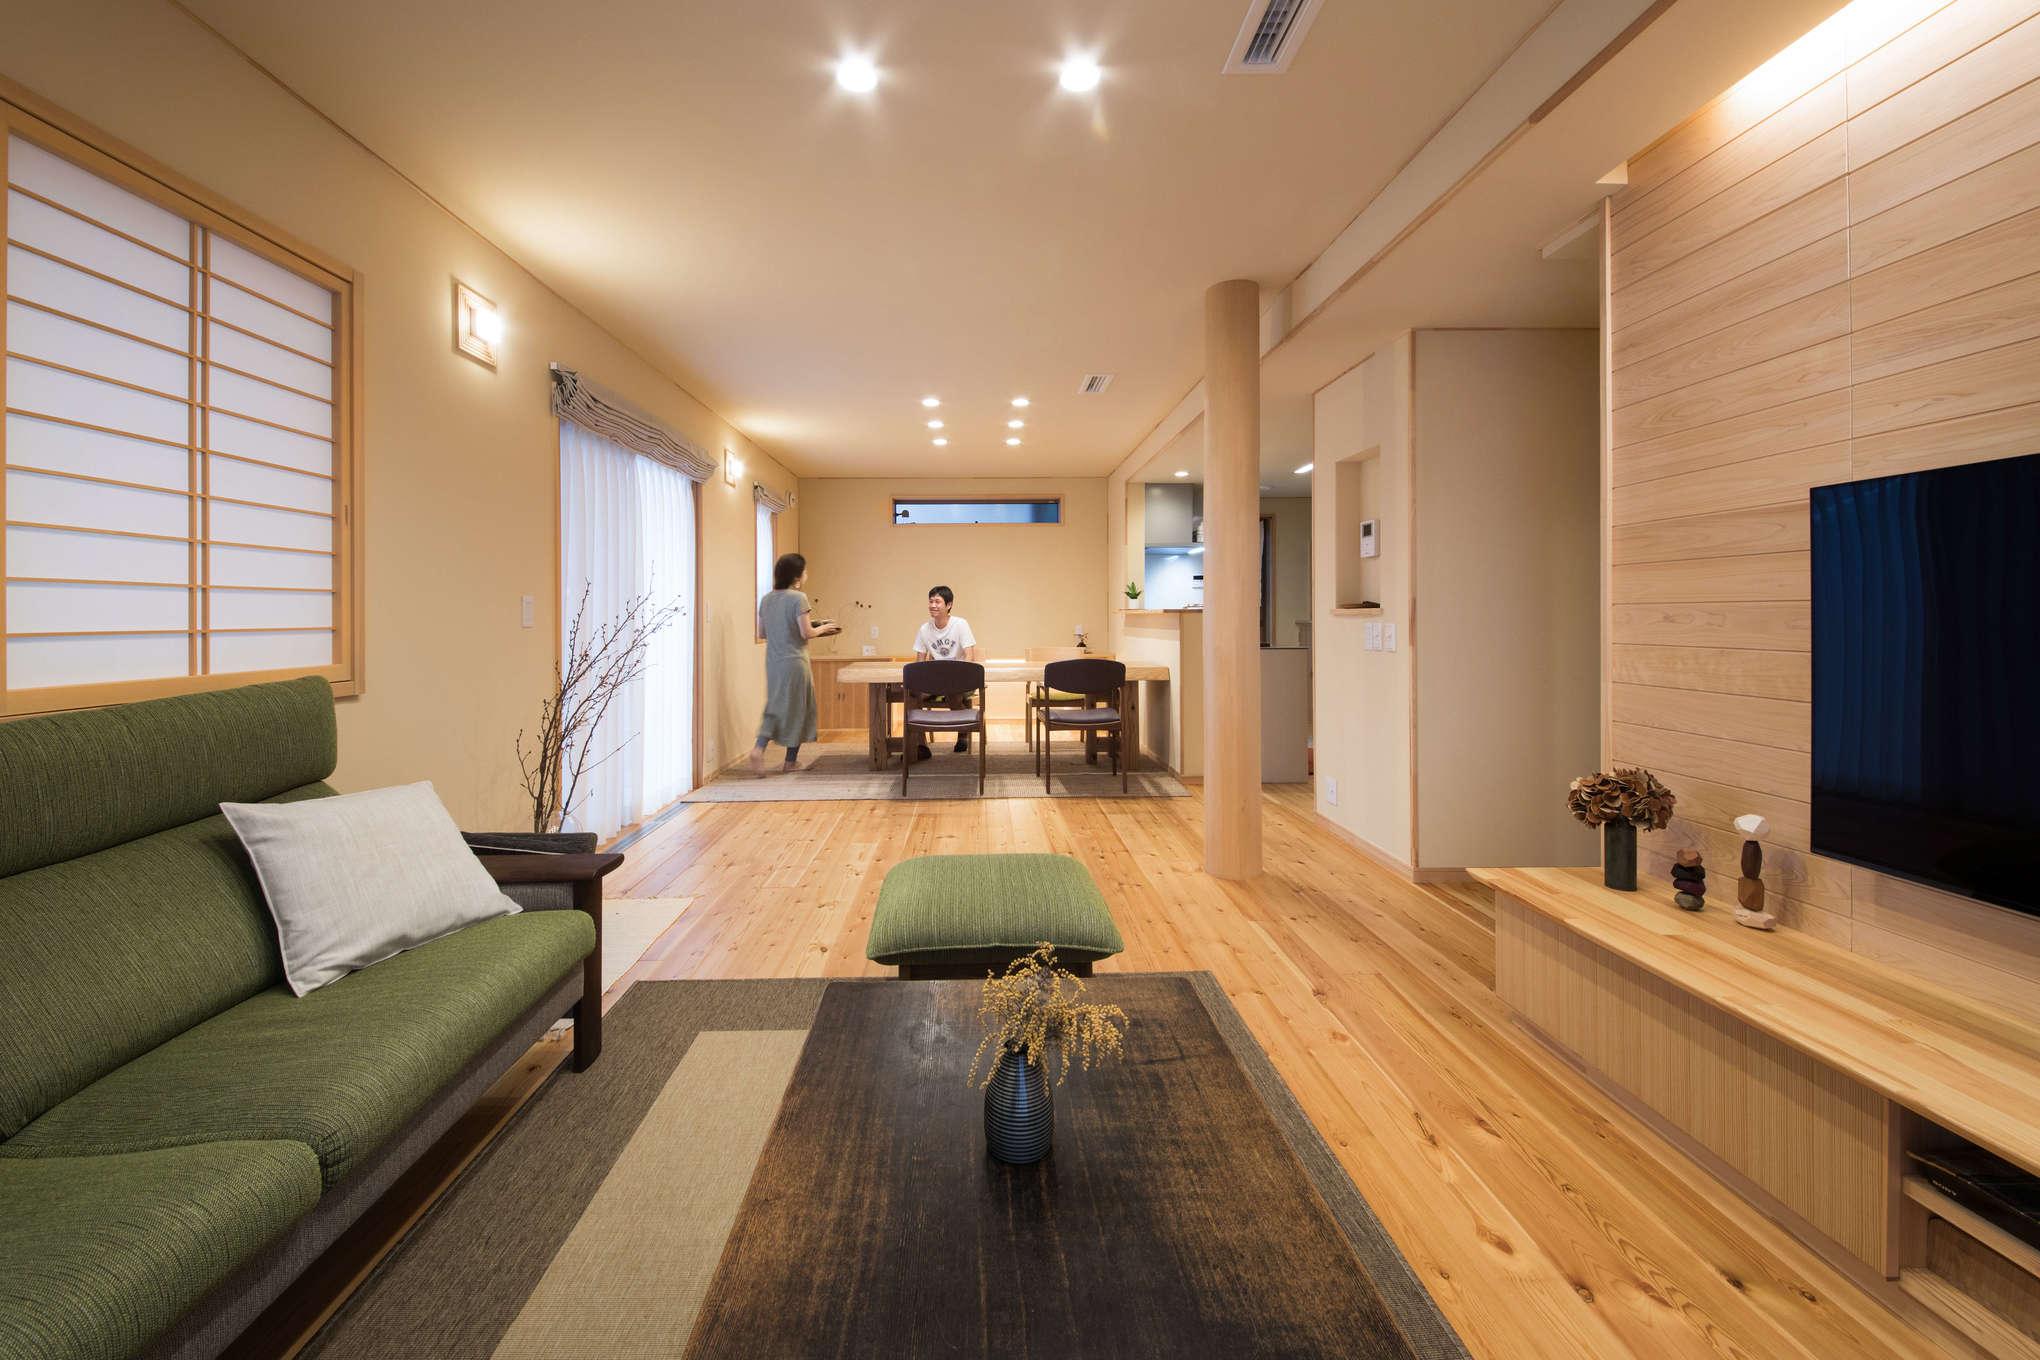 瀧口建設【1000万円台、デザイン住宅、子育て】レッドパインの無垢床材は30mmの厚さを誇り、素足で歩くたびに気持ちがいい。冬は床下を循環する暖気を取り込み、冷たさを感じさせなという。障子を生かした和のリビングに、アンティークのテーブルや北欧調の雑貨がさりげなく置かれ、センス良くコーディネートされている